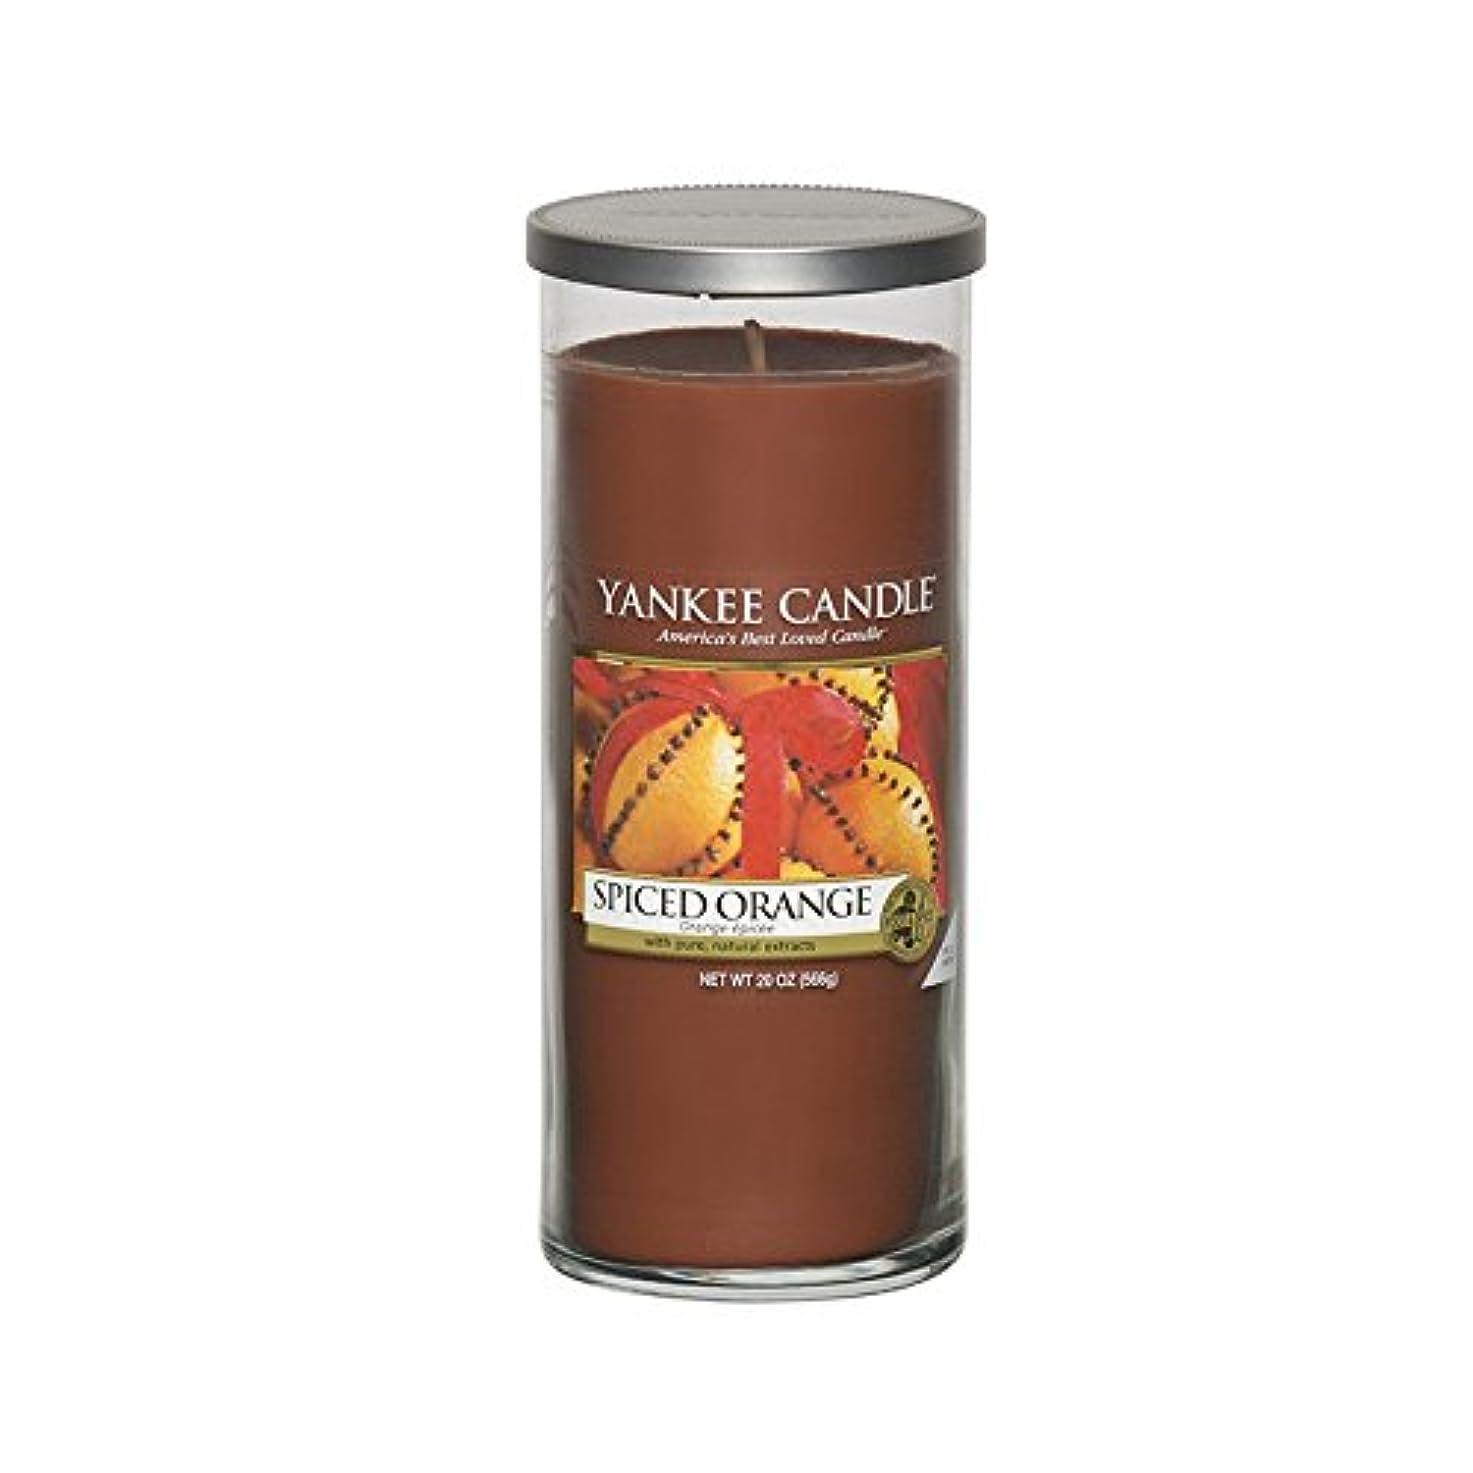 保安租界シンプルさヤンキーキャンドル大きな柱キャンドル - スパイスオレンジ - Yankee Candles Large Pillar Candle - Spiced Orange (Yankee Candles) [並行輸入品]